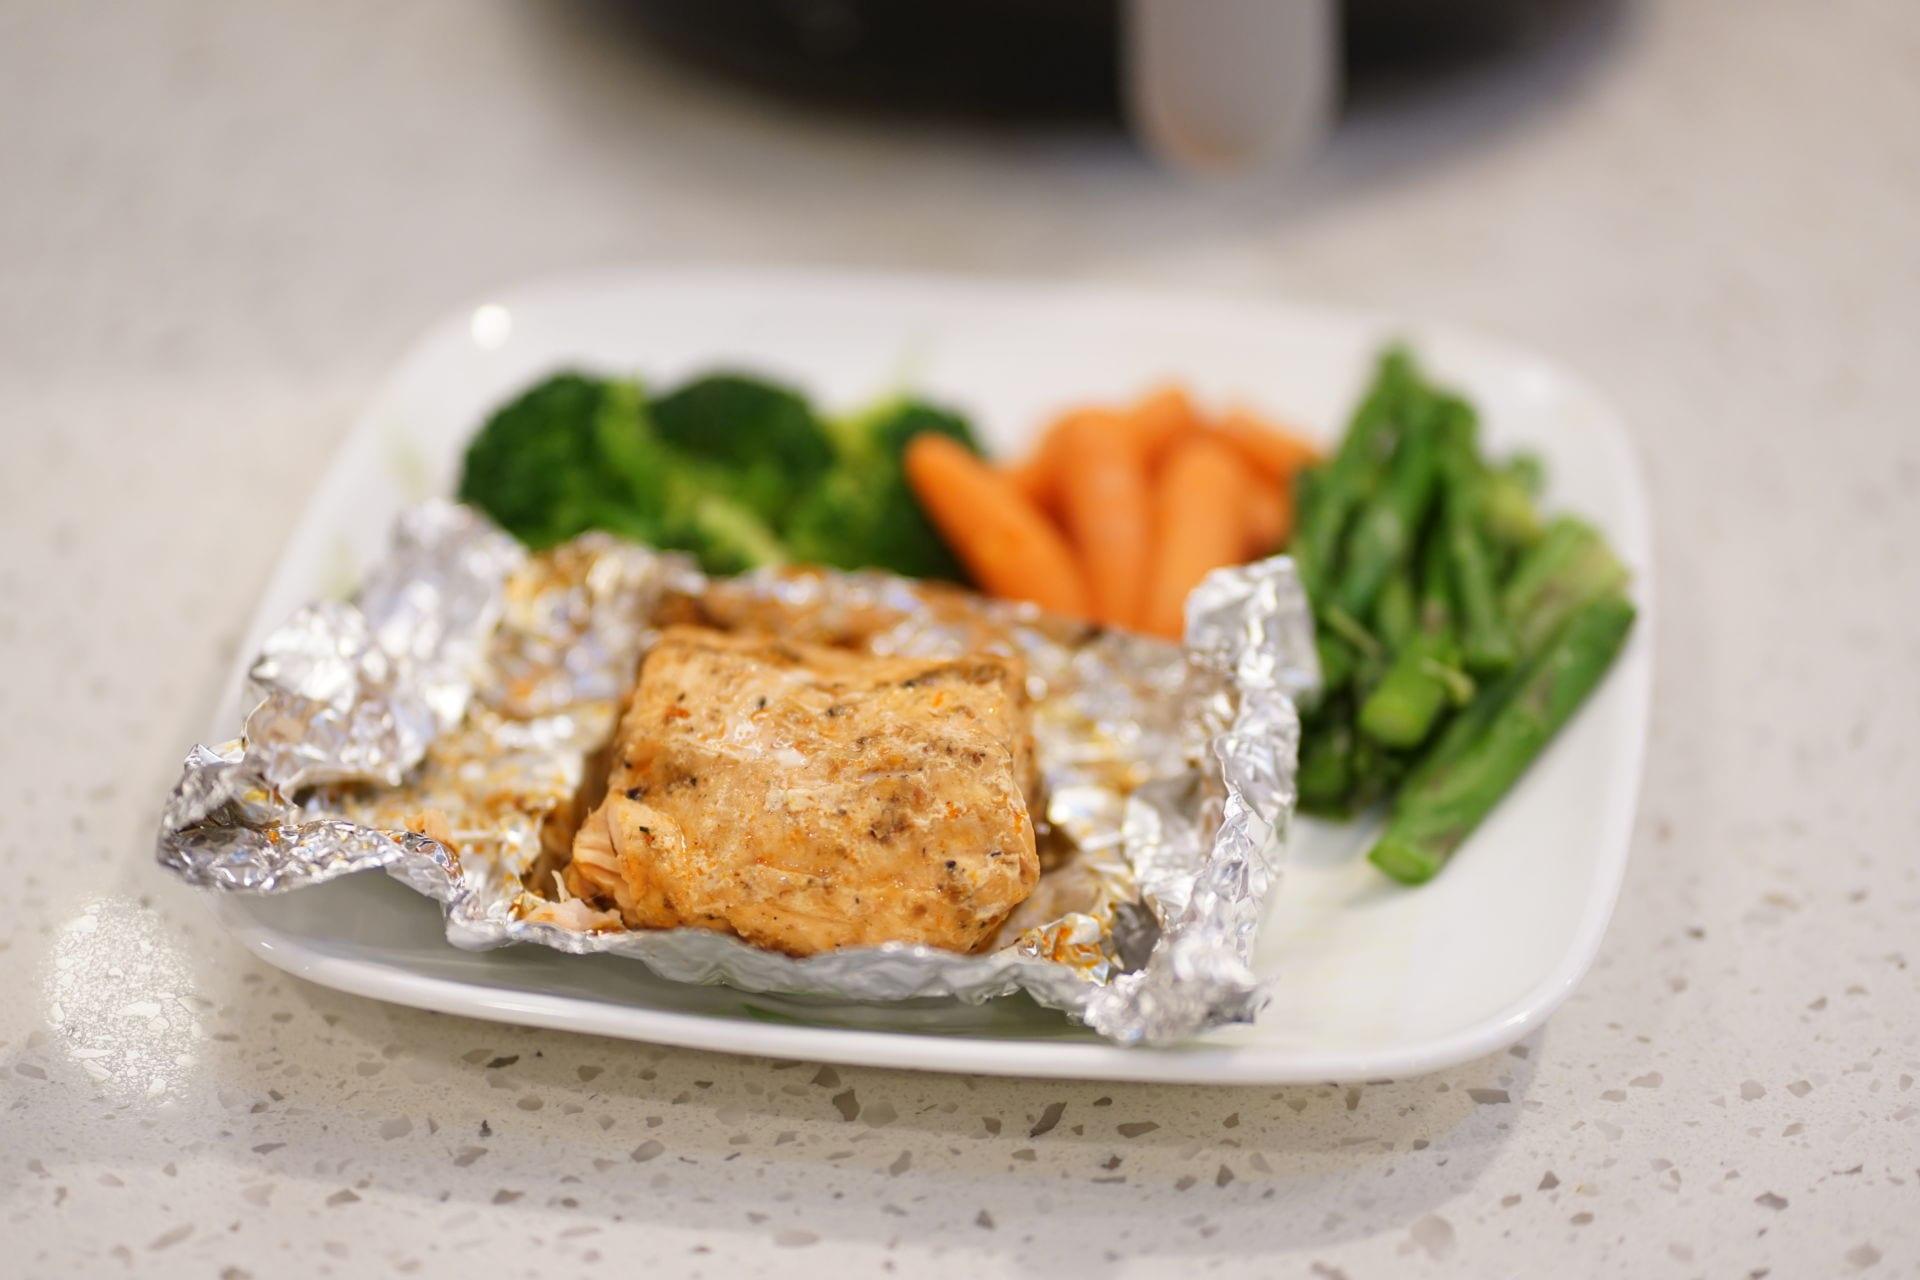 Cá hồi ướp sa tế nướng giấy bạc - 12